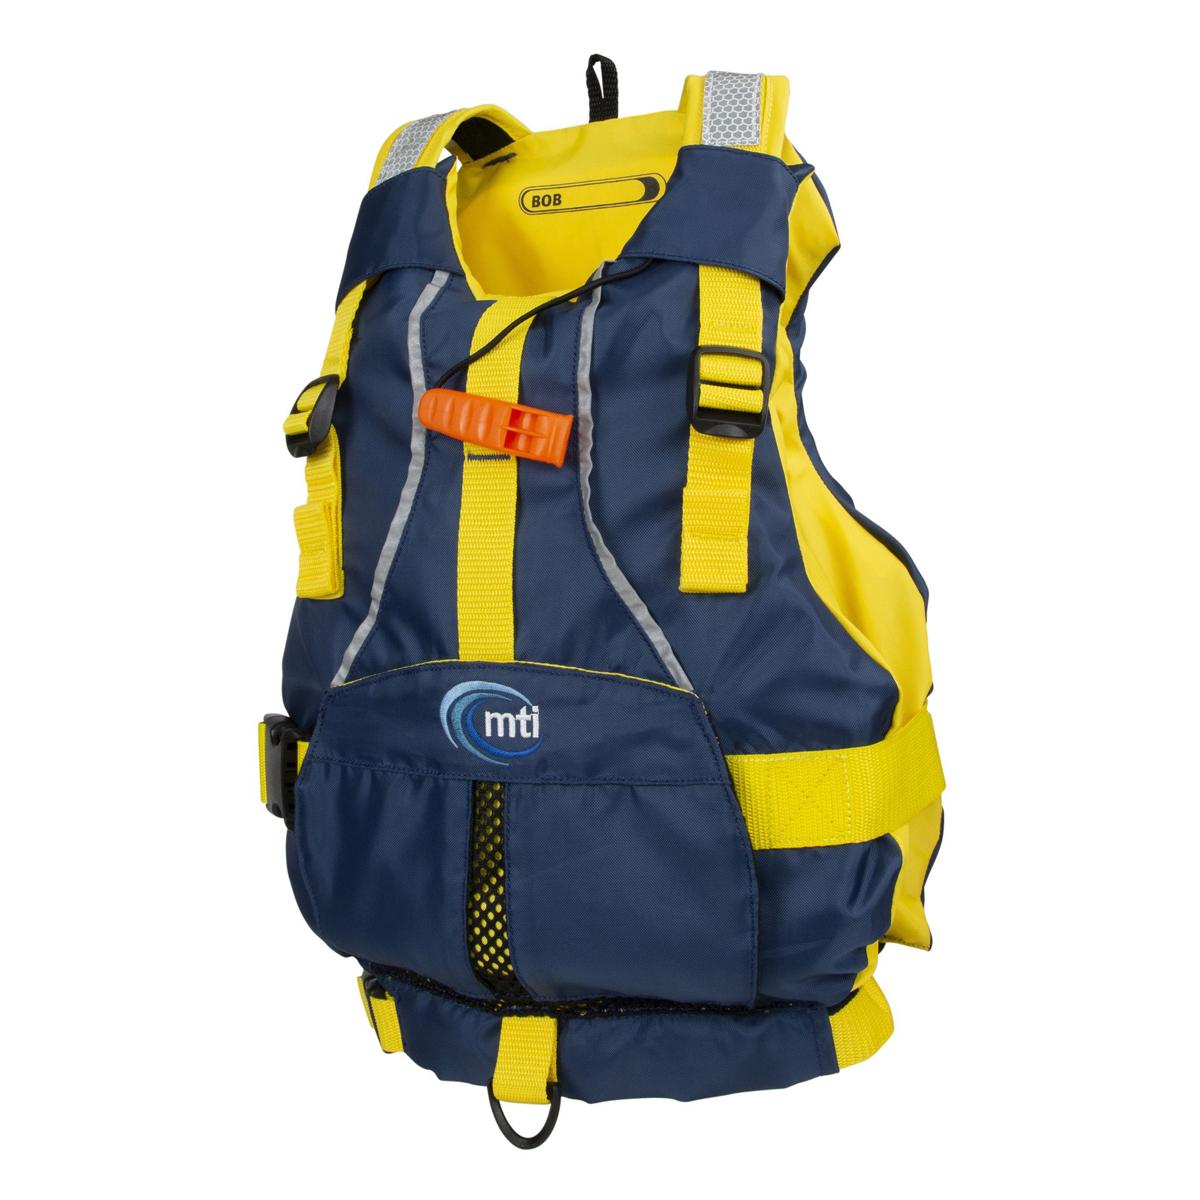 MTI Adventurewear Bob Lifejacket (250D)